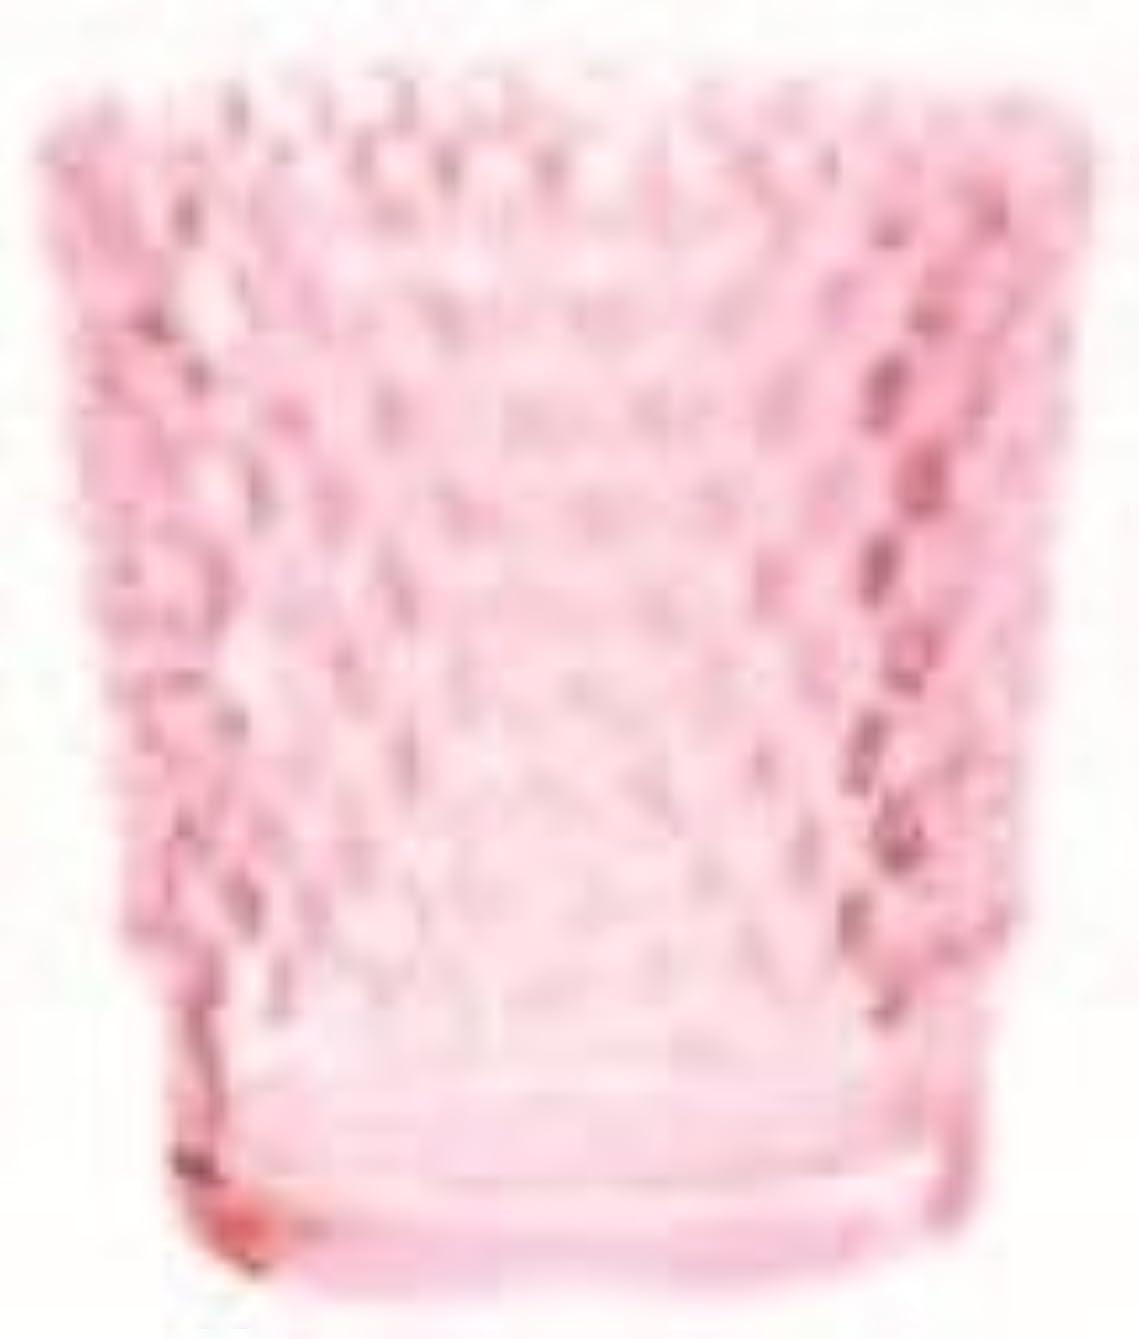 酸素住居懇願するカメヤマキャンドル(kameyama candle) ホビネルグラス 「 コーラル 」